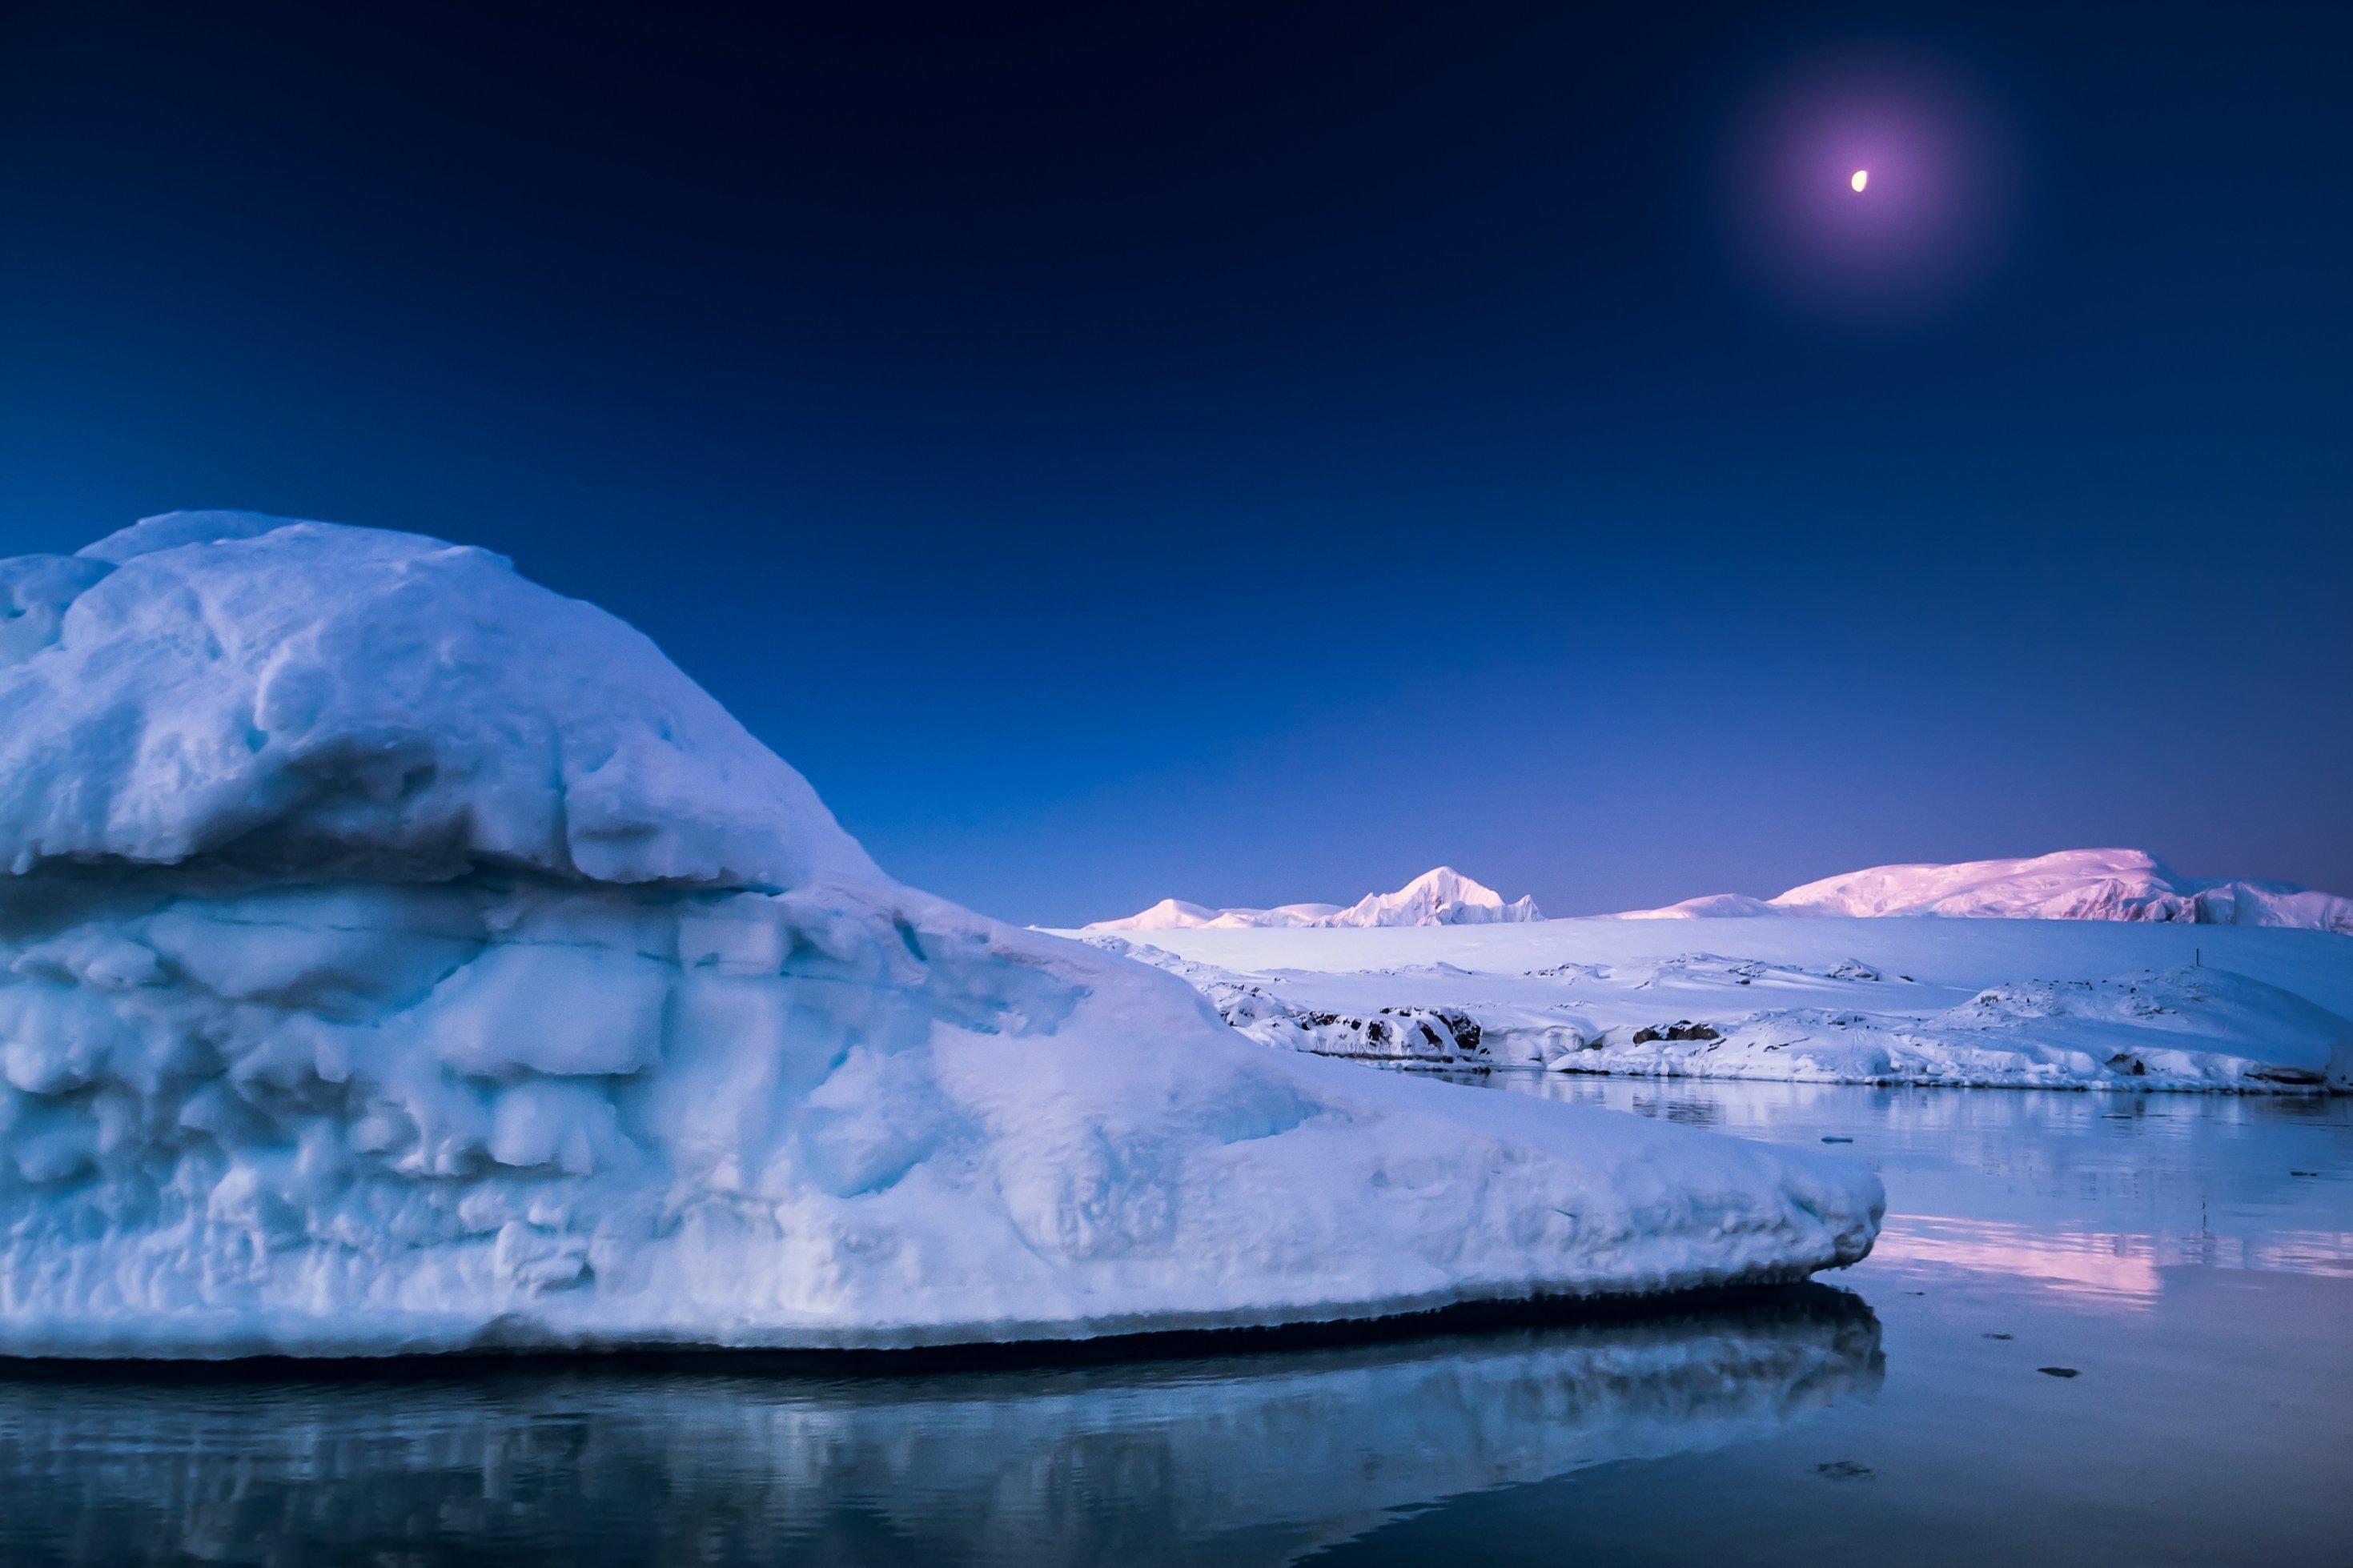 Bild aus der Antarktis. Ein Eisberg schwimmt im Wasser, im Hintergrund sieht man noch größere Berge aus Eis.